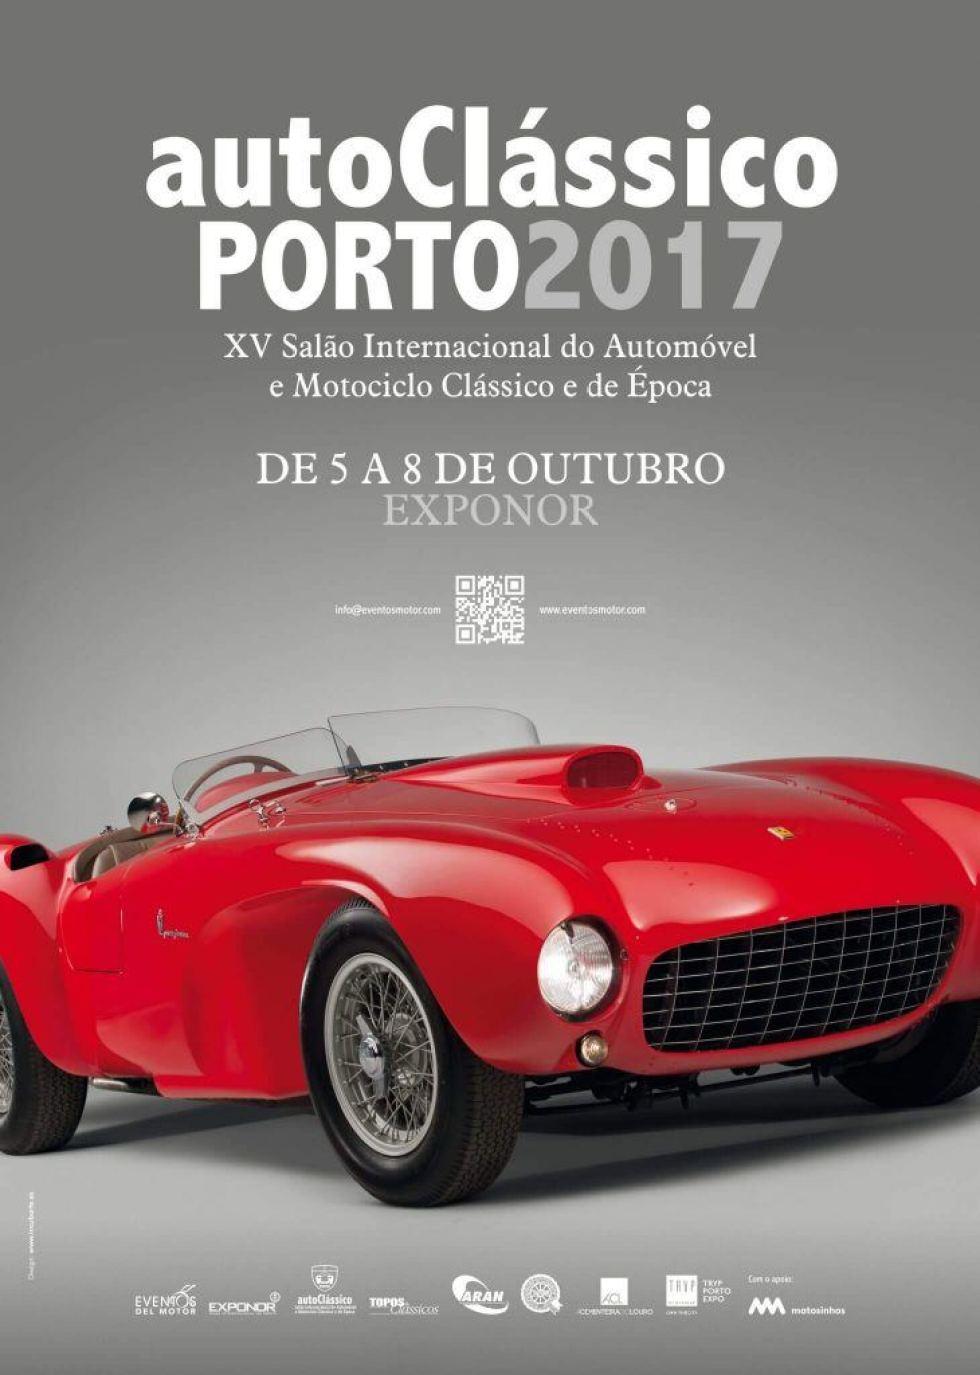 AutoClássico Porto 2017 – 5 A 8 De Outubro – Exponor